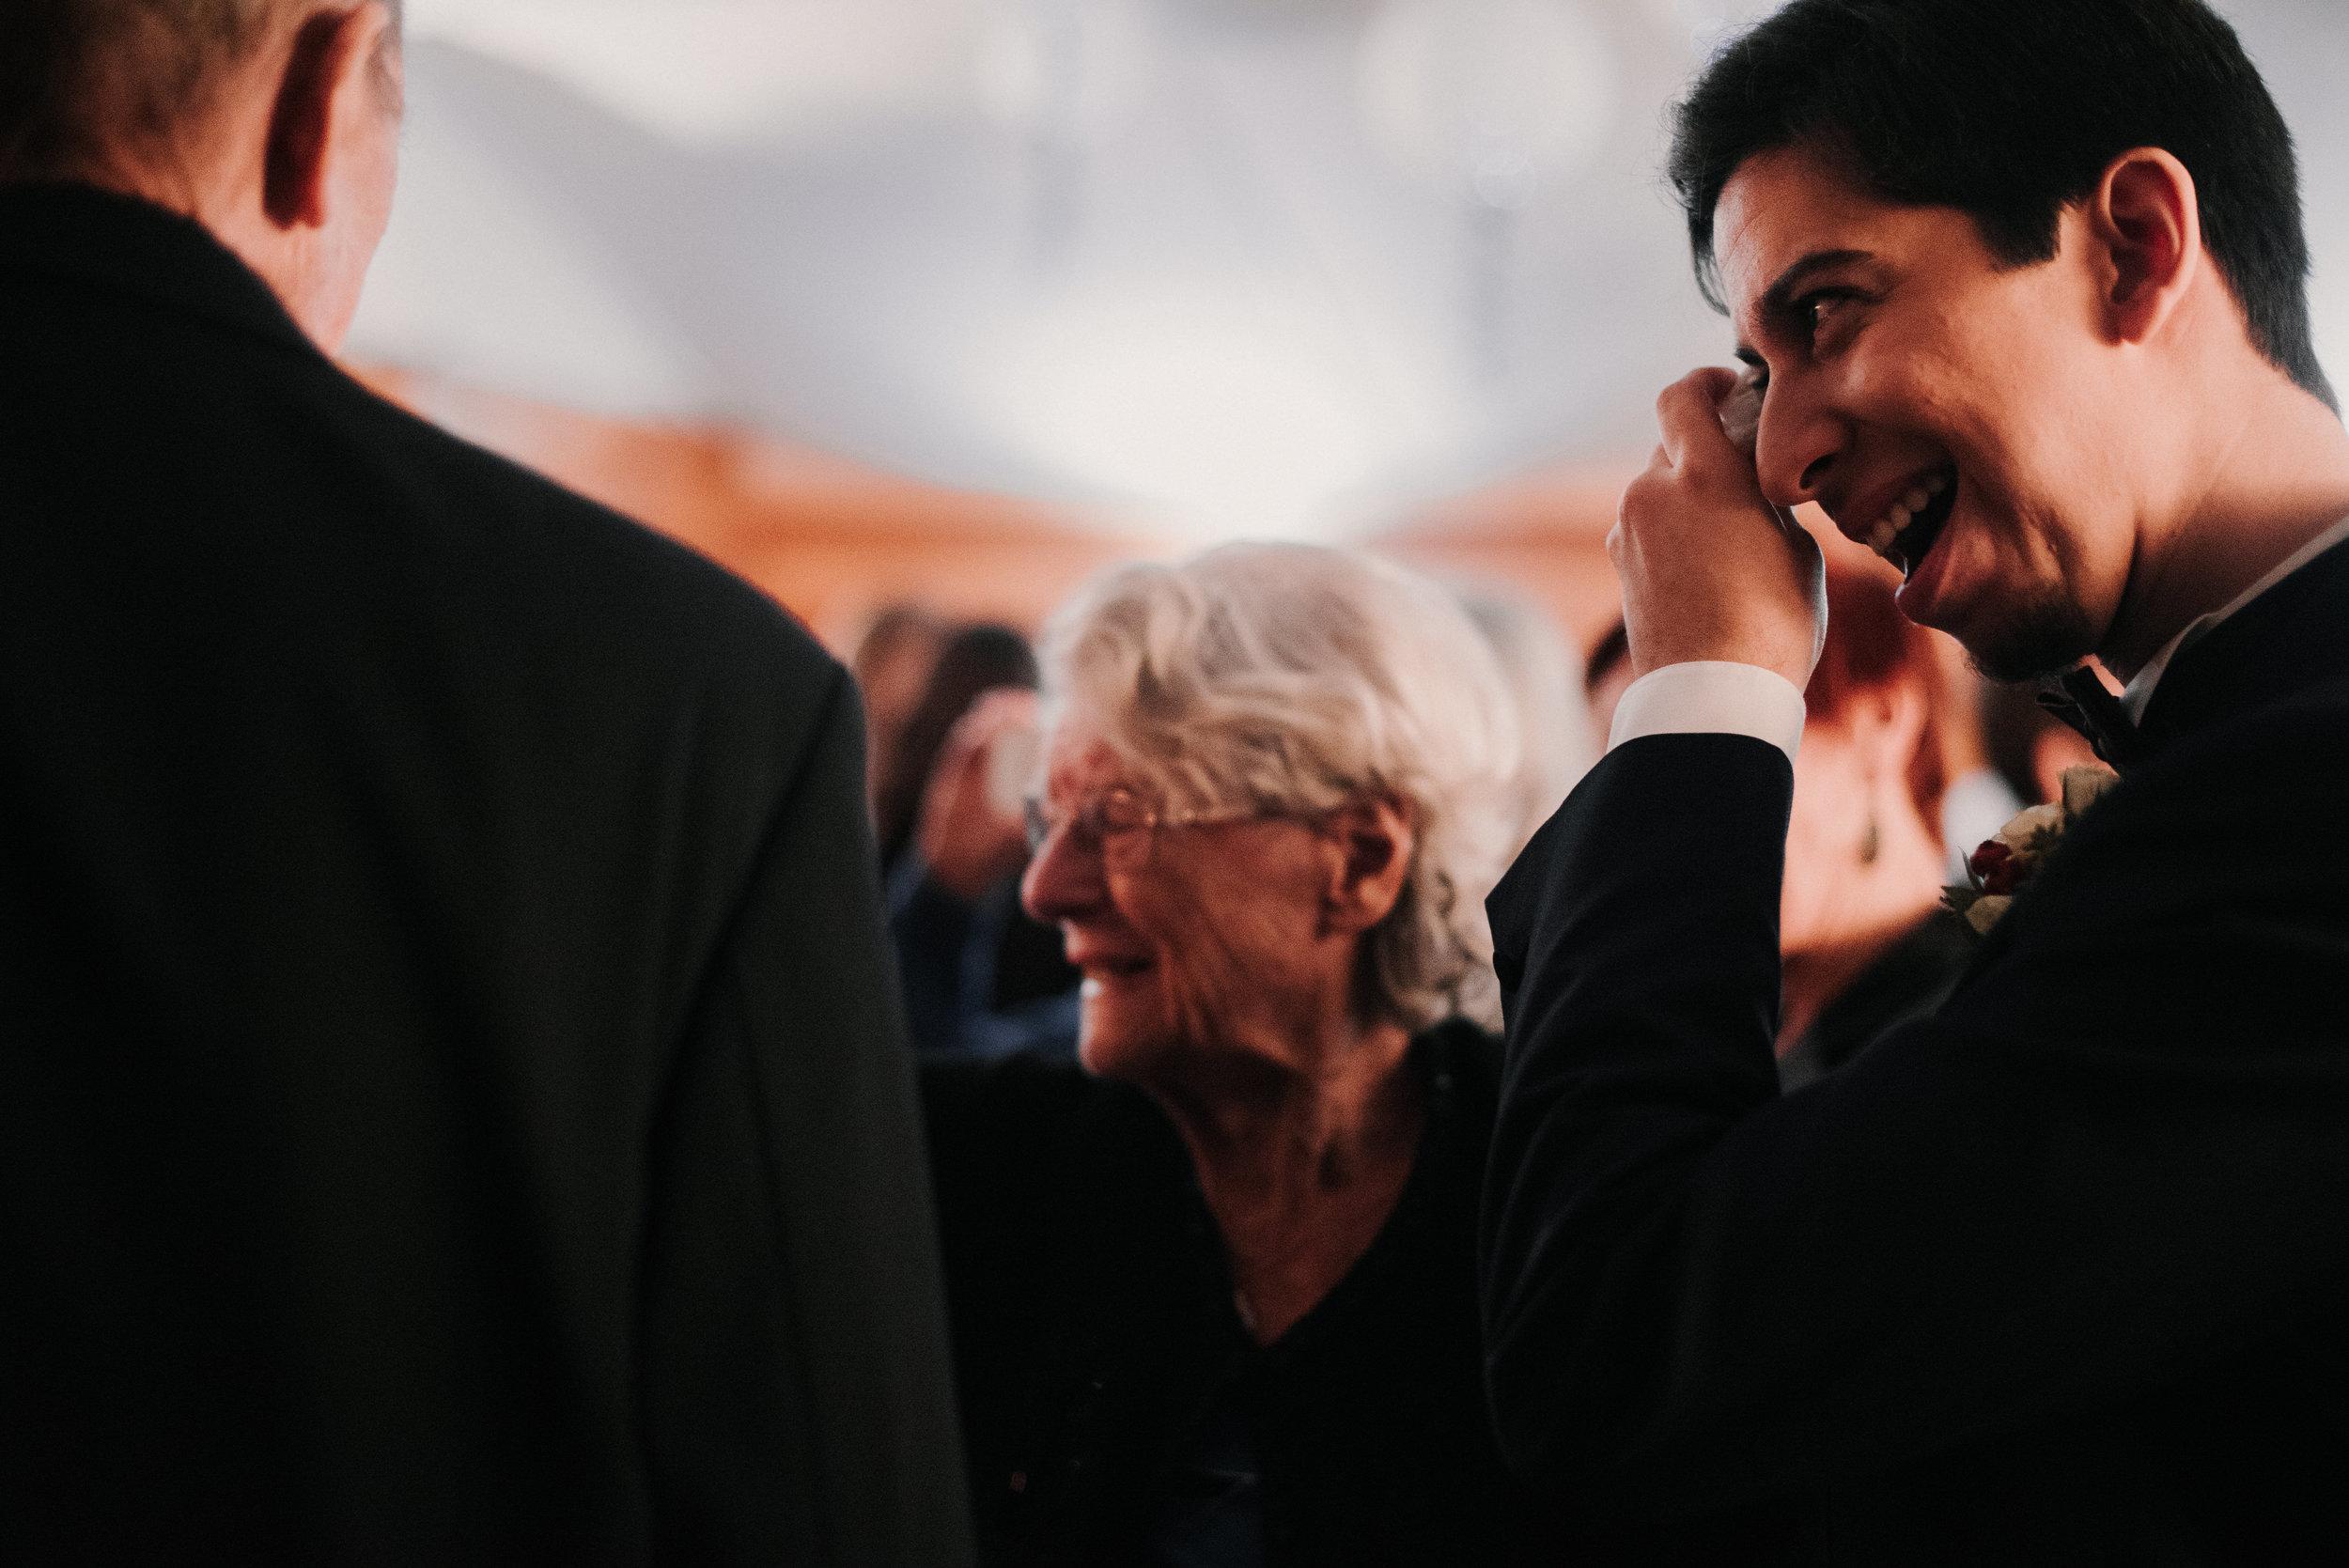 Léa-Fery-photographe-professionnel-lyon-rhone-alpes-portrait-creation-mariage-evenement-evenementiel-famille-7812.jpg